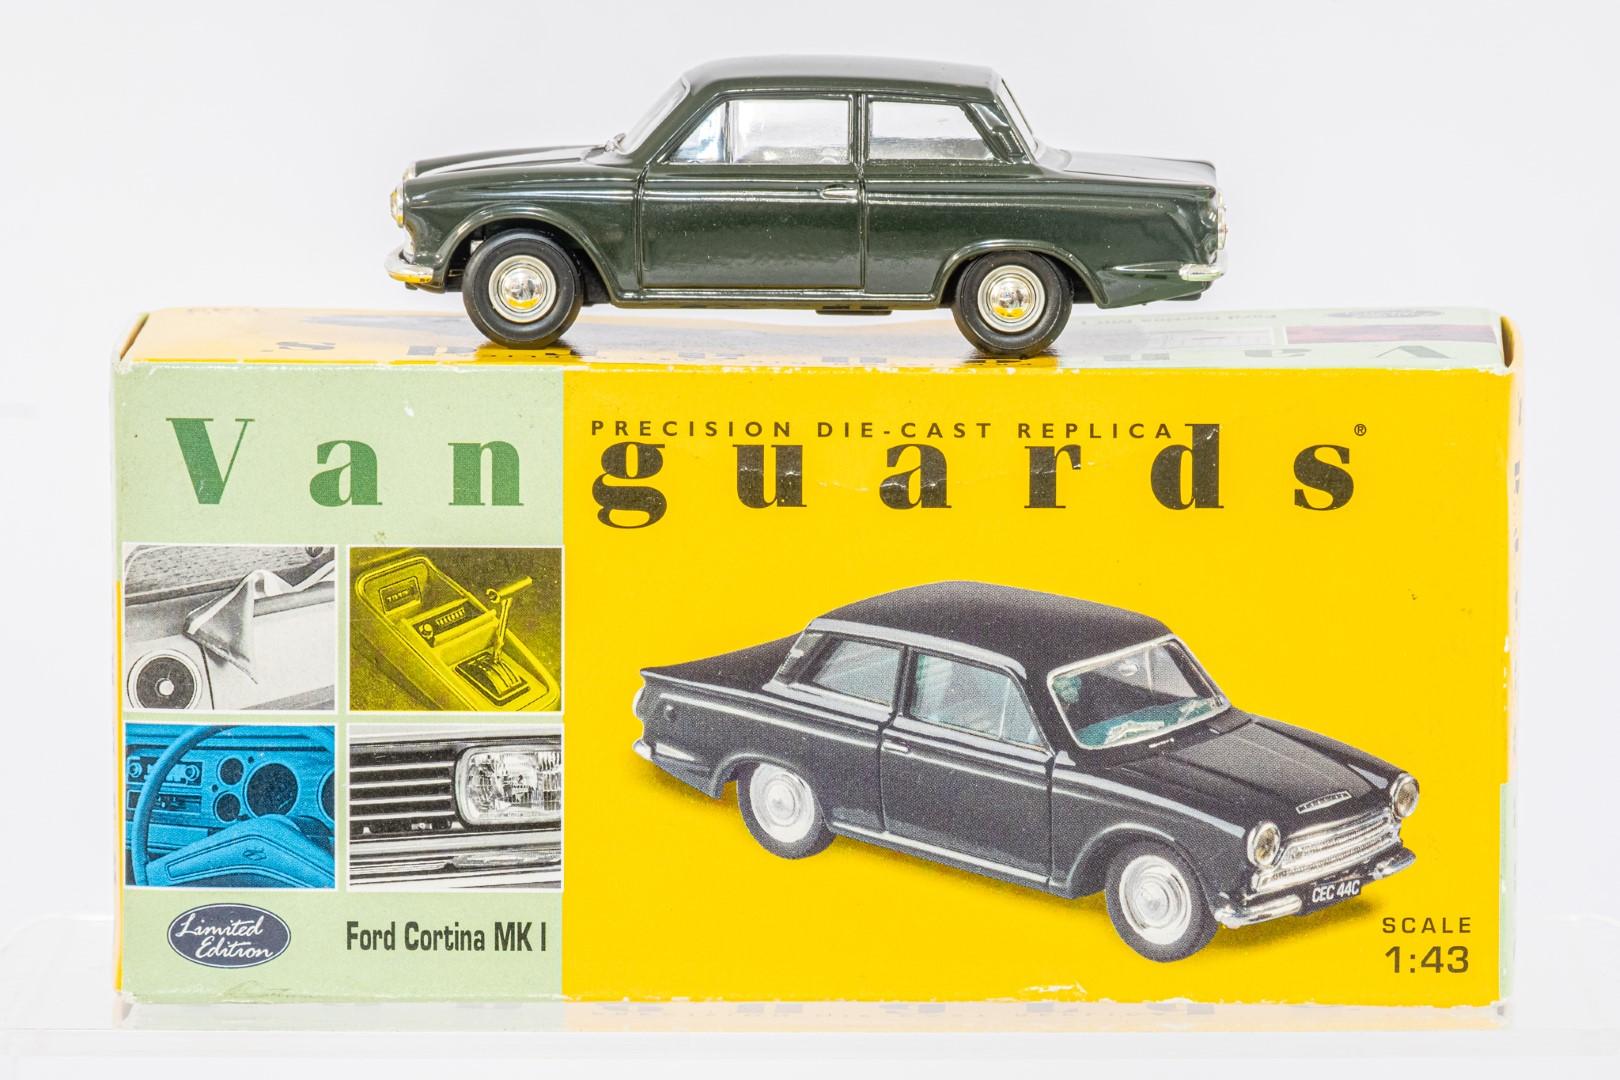 Vanguards Vauxhall Viva SL / Ford Cortina MK I / Hillman Minx IIIA - - Image 4 of 4